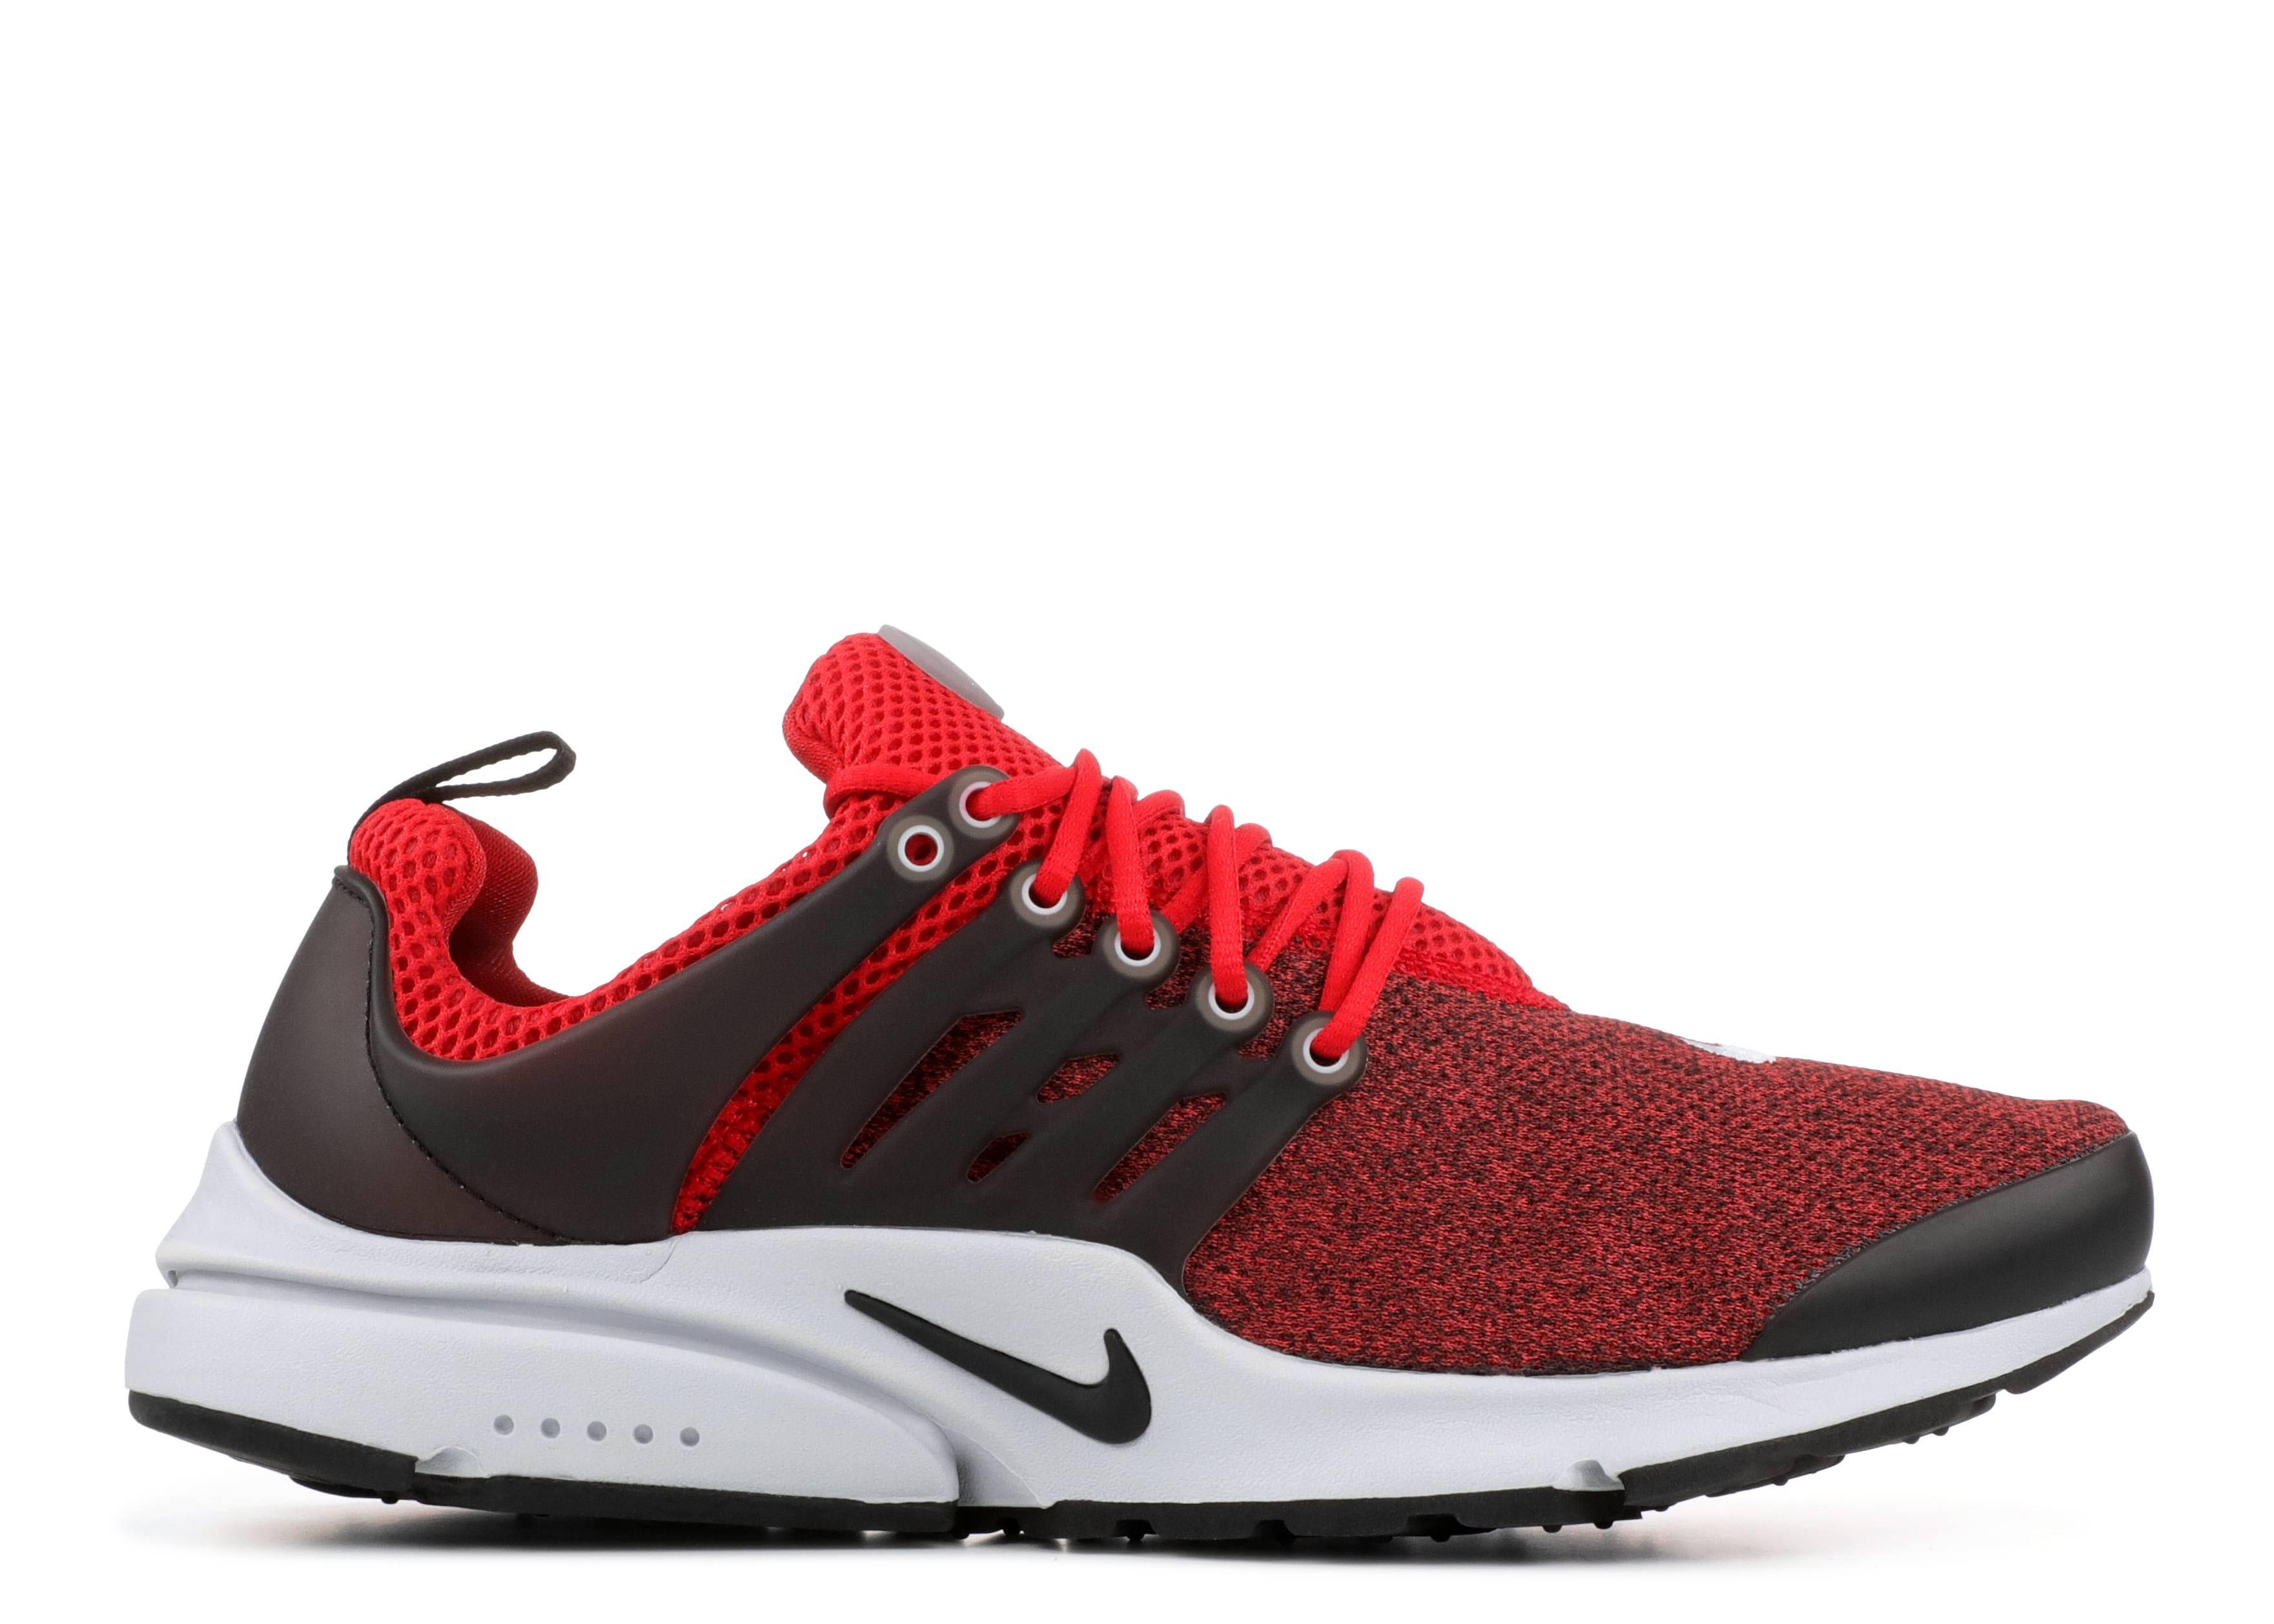 799f82c7e19f4b Nike Air Presto Essential - Nike - 848187 603 - university red black ...